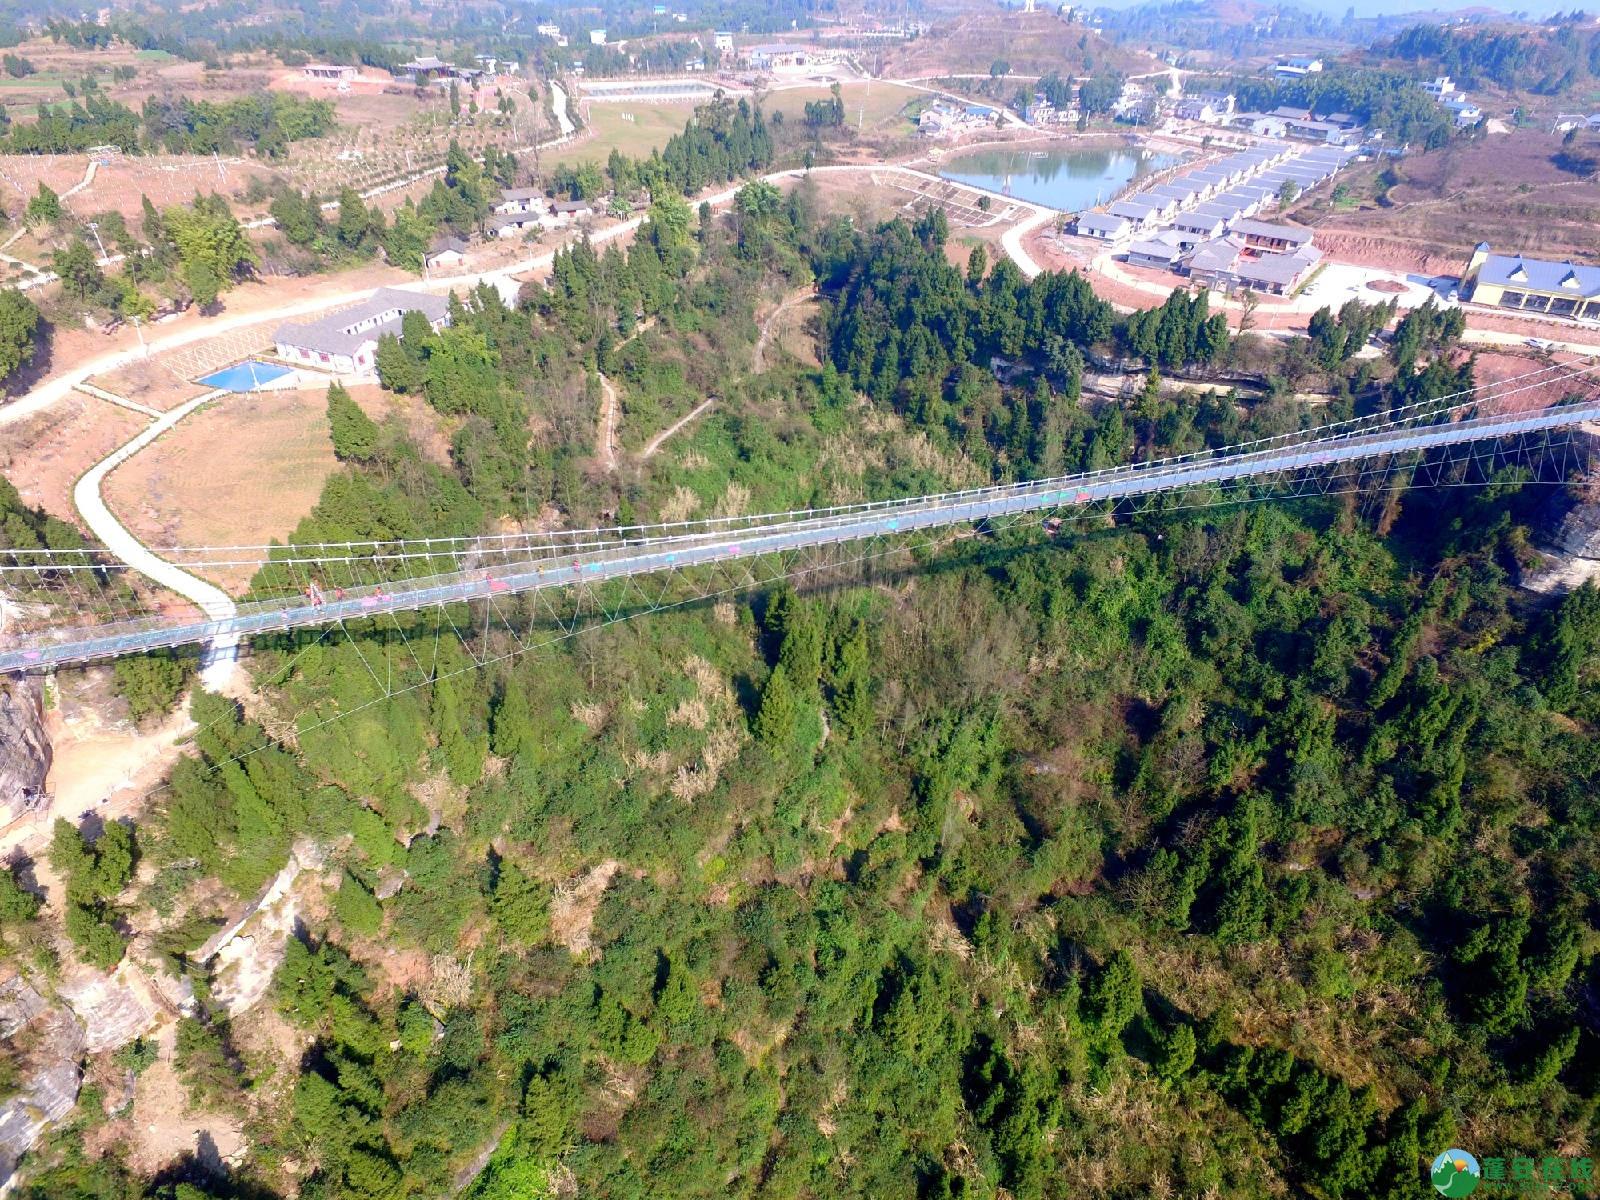 蓬安县正源镇红豆村首个悬空玻璃吊桥正式开放 - 第11张  | 蓬安在线